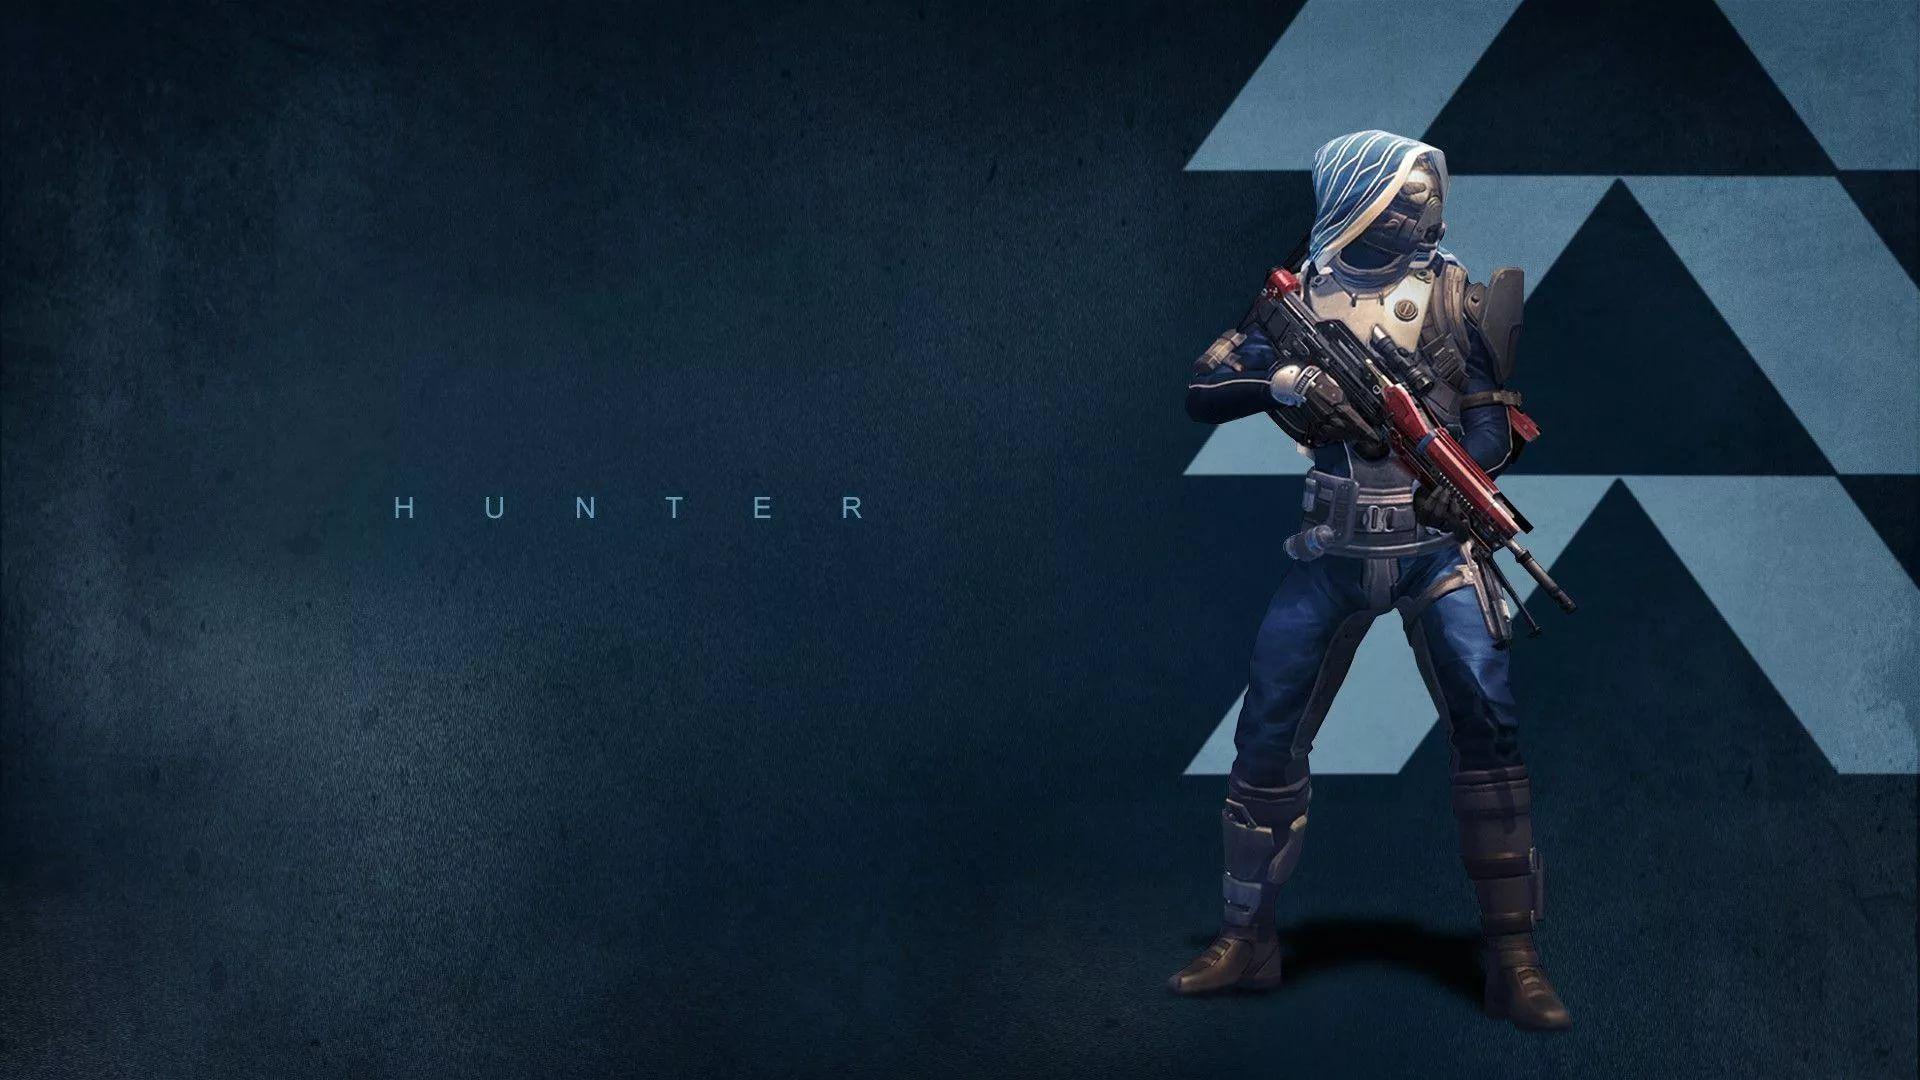 Destiny Hunter High Quality